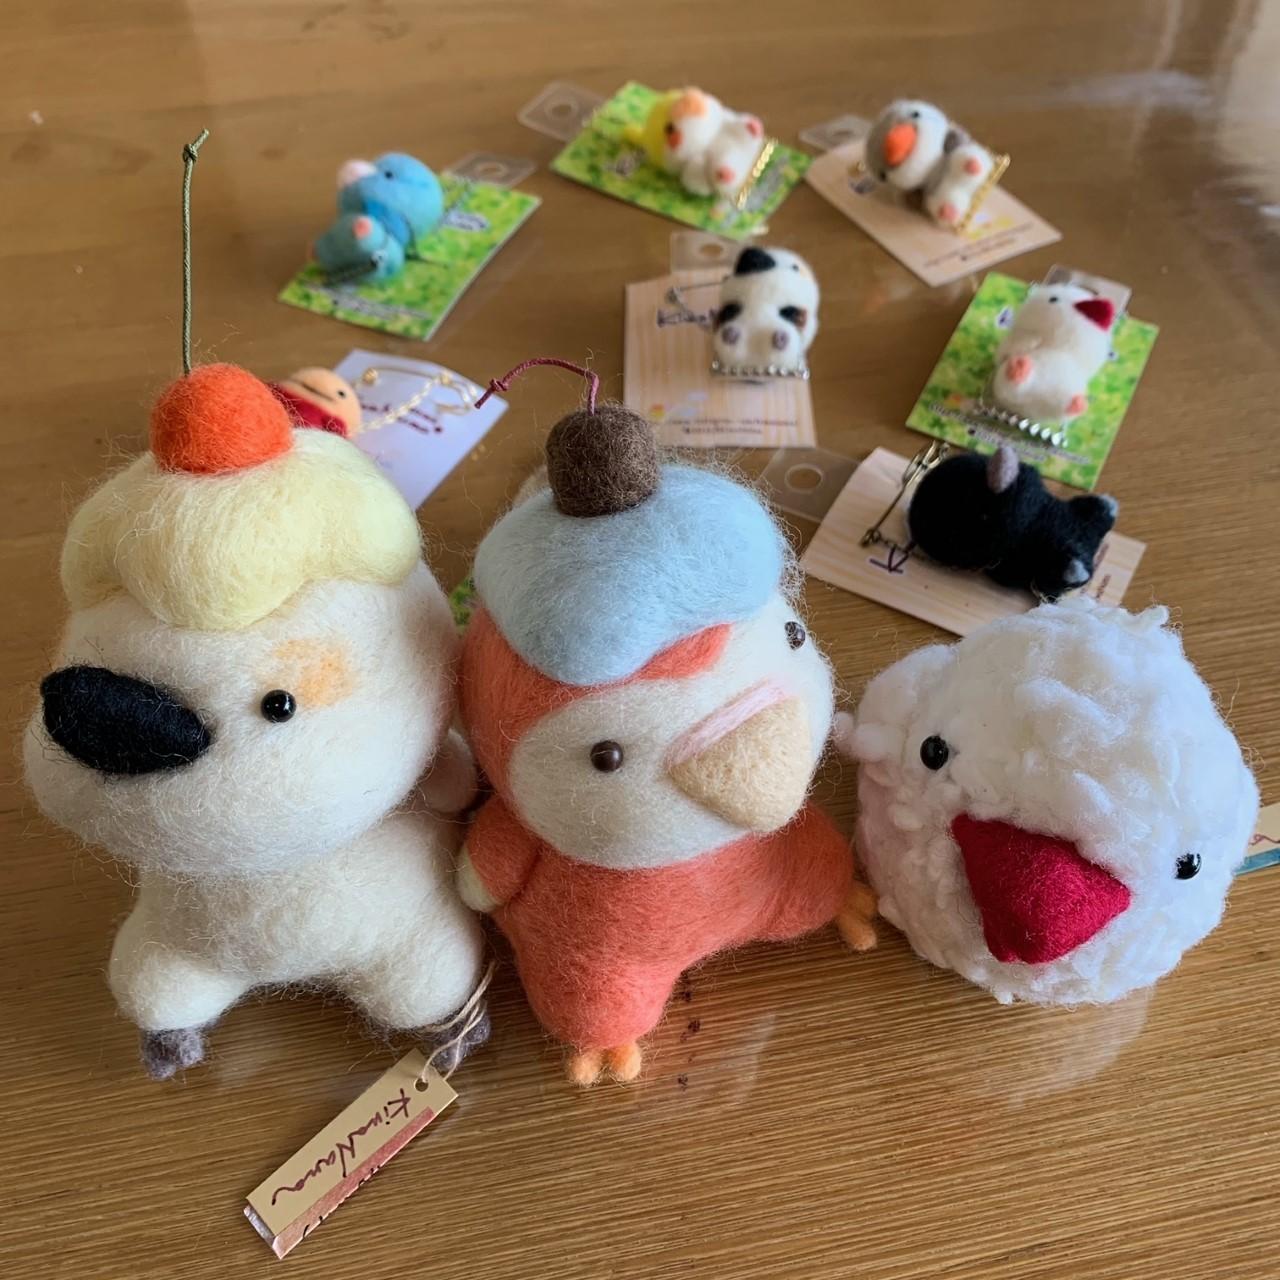 鳥展 KiwaNumaさん羊毛フェルト作品 通販開始します_d0322493_11113376.jpg